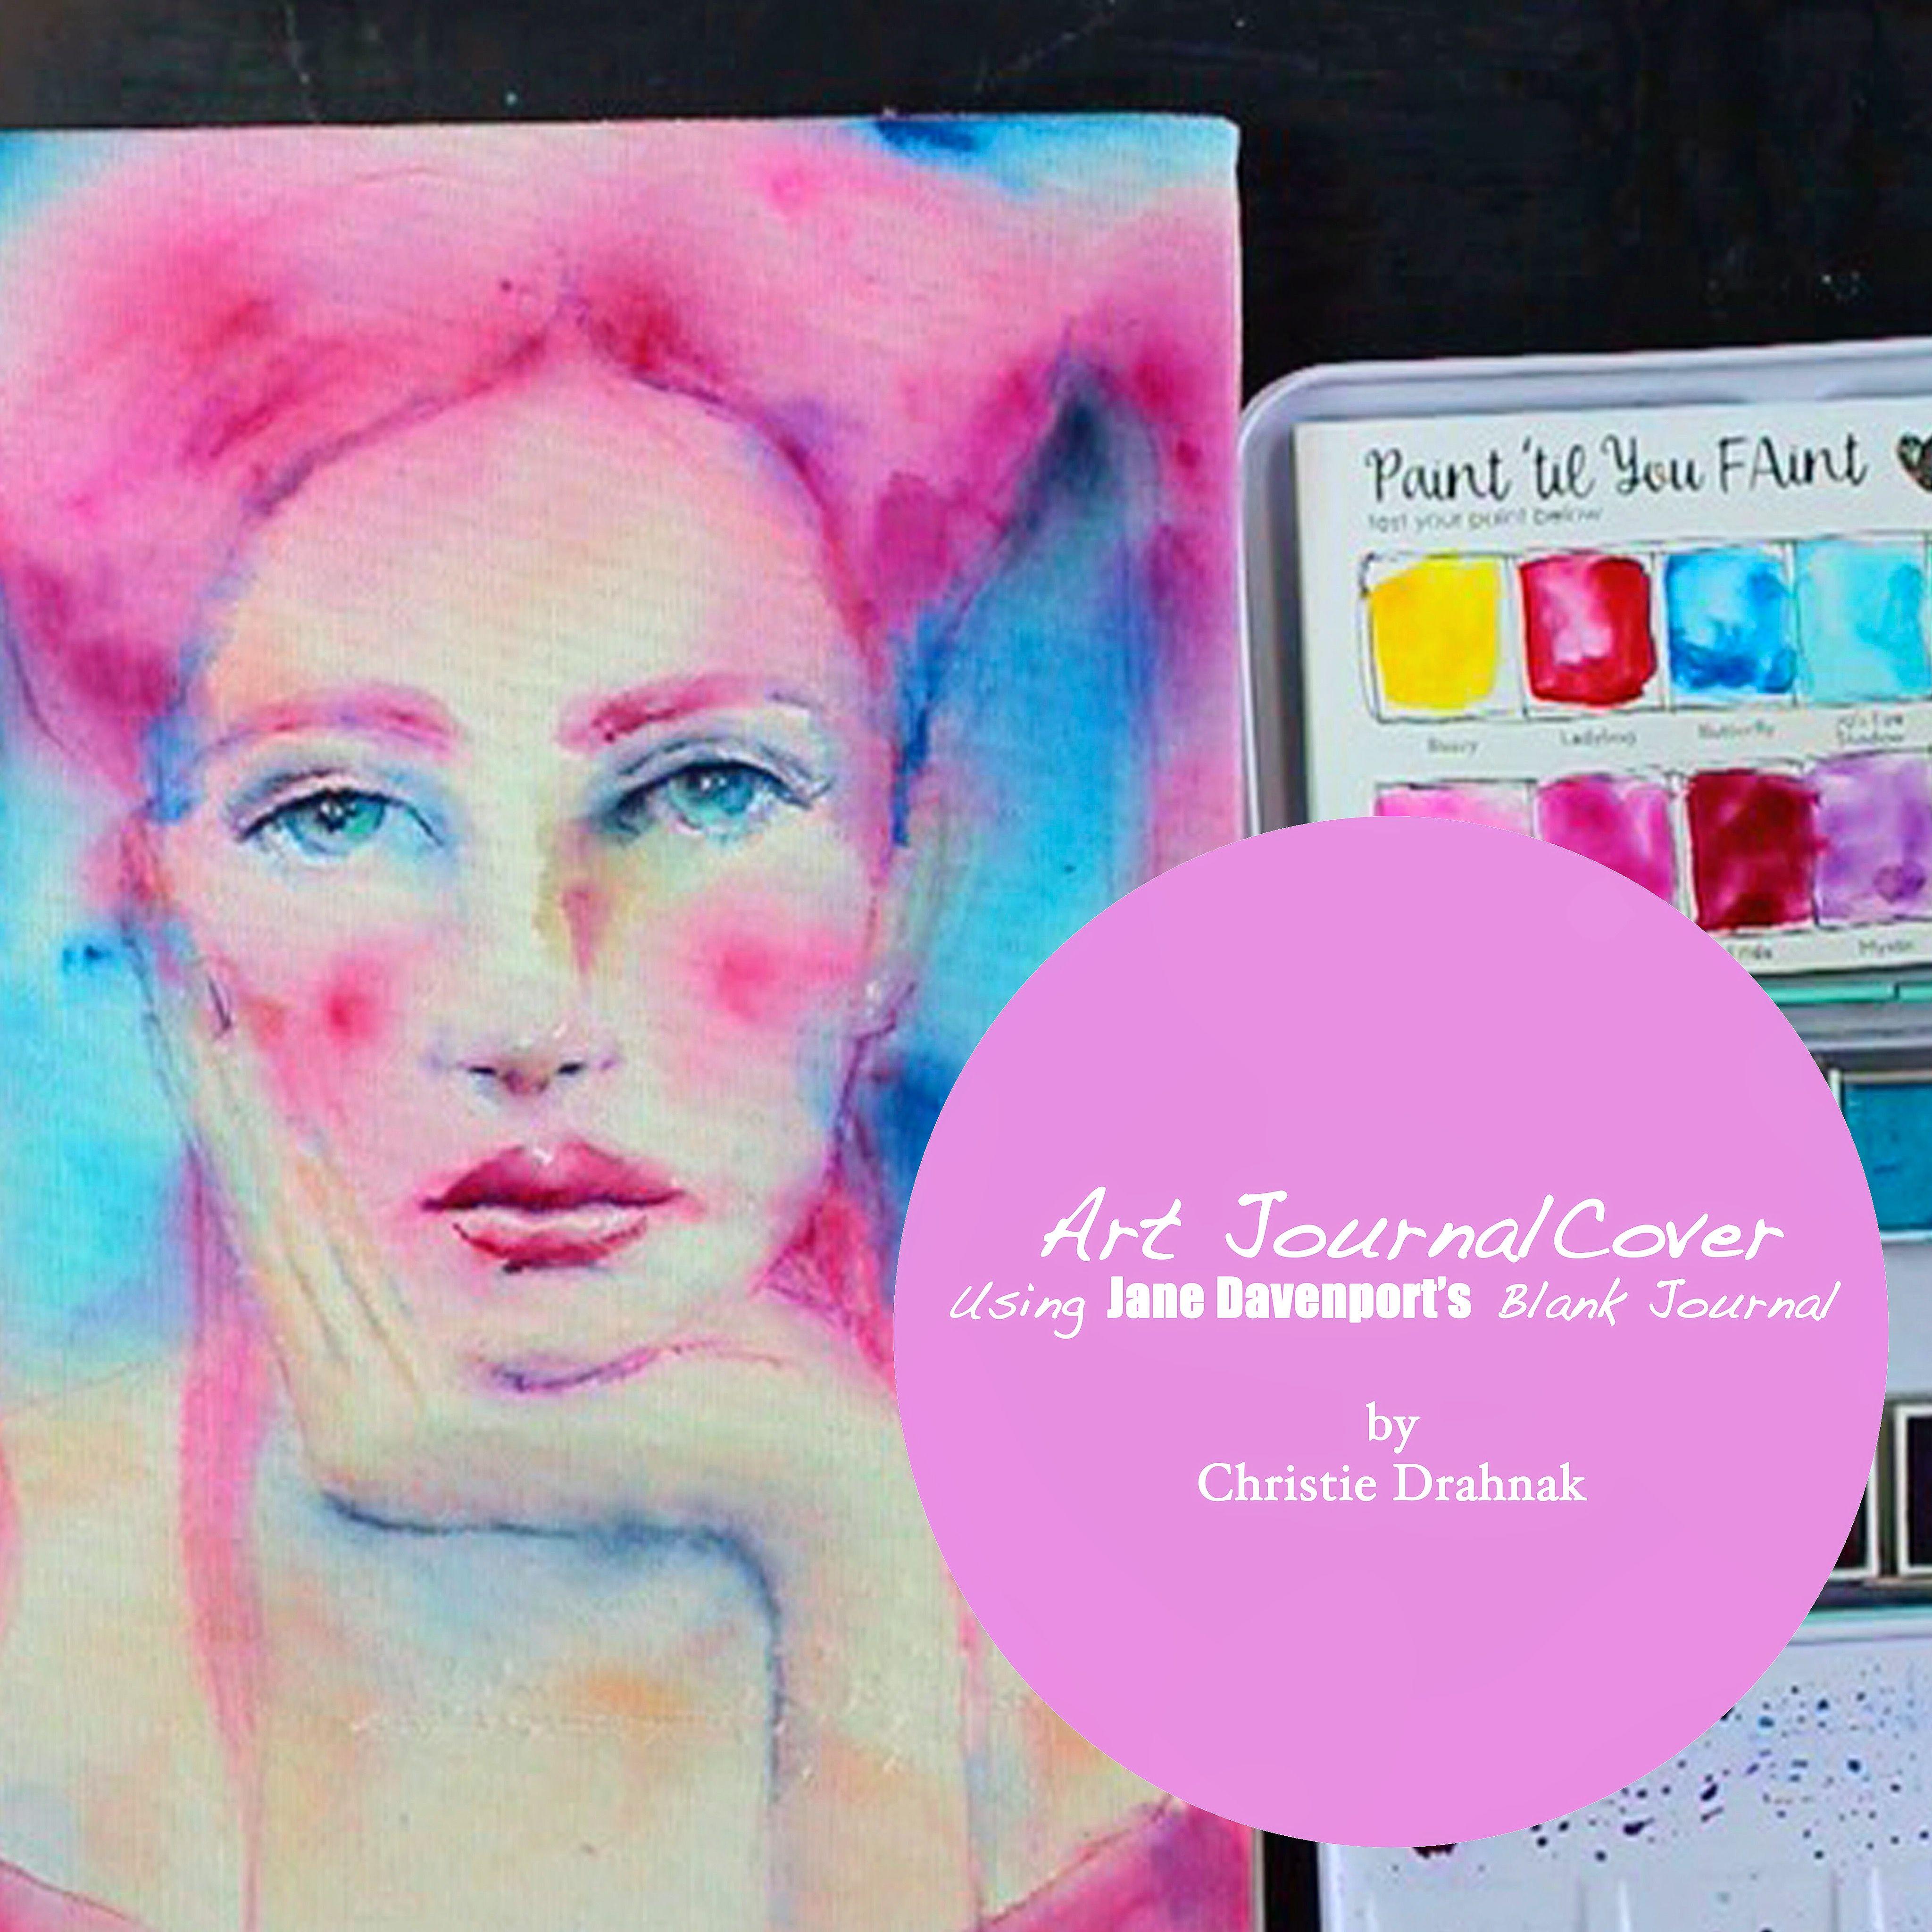 Art Journal Tutorial Using Jane Davenport Supplies From Michaels